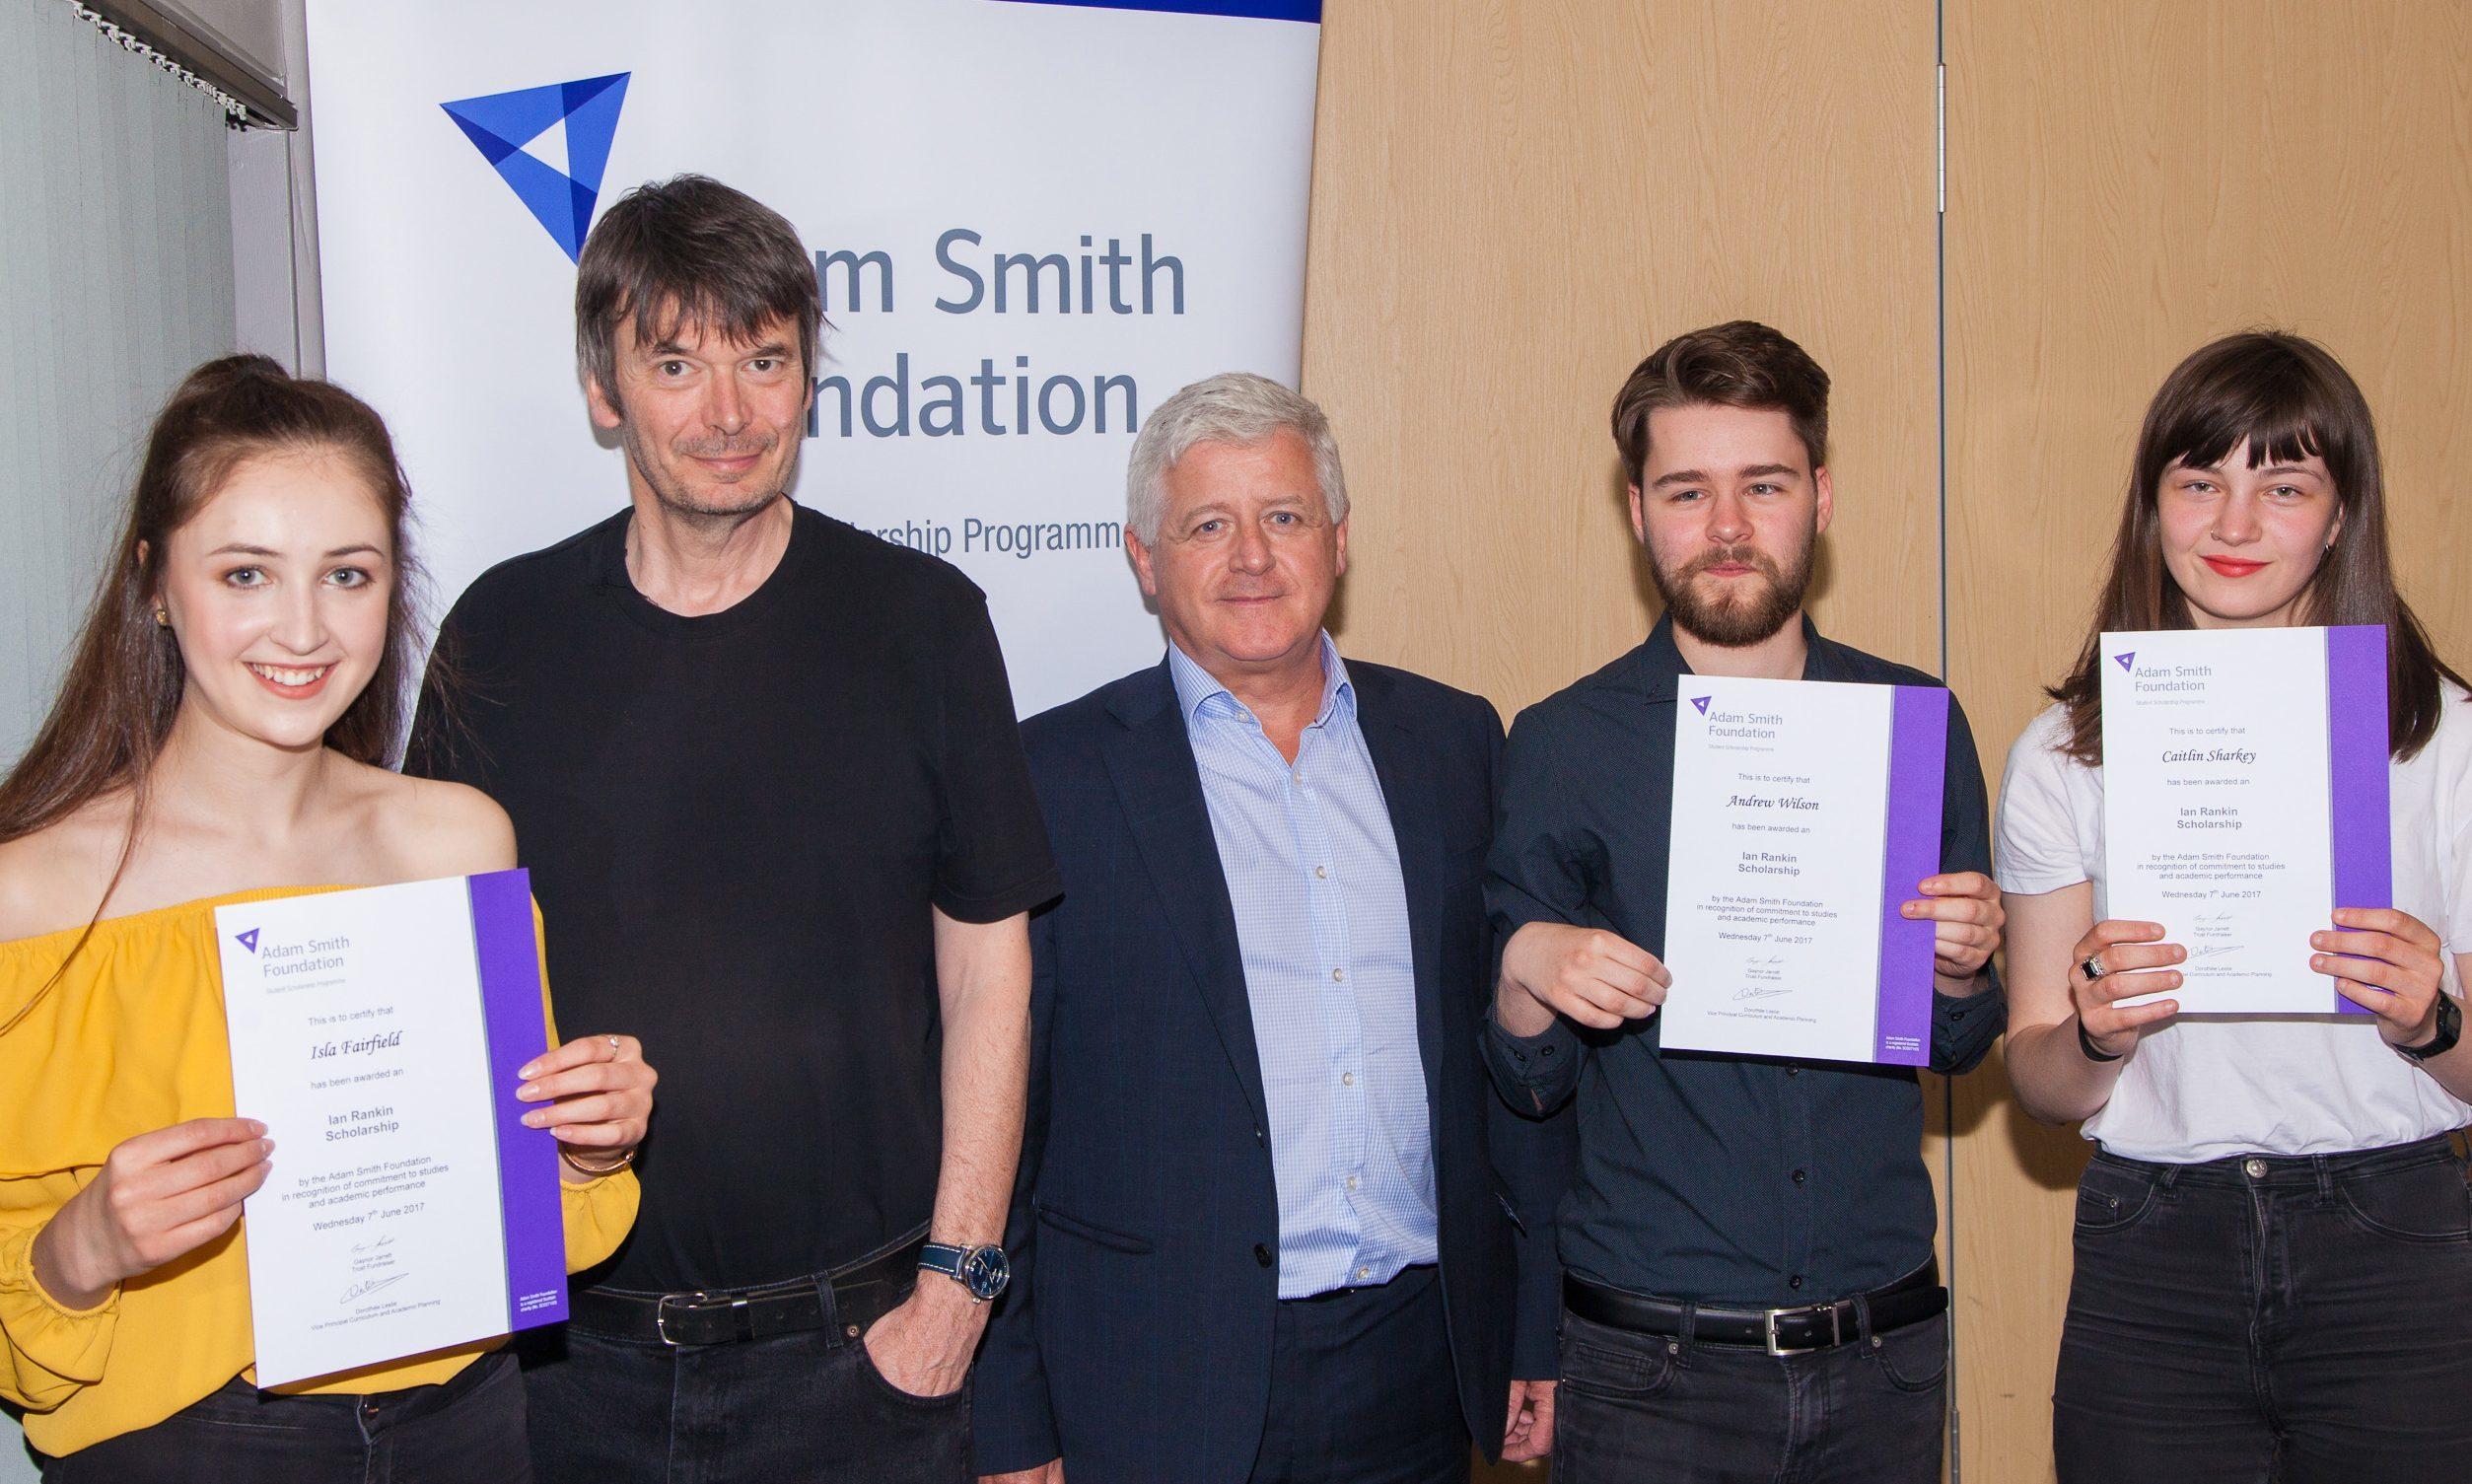 Ian Rankin, centre, with award winners Isla Fairfield, Hugh Hall, Andrew Wilson and Caitlin Sharkey